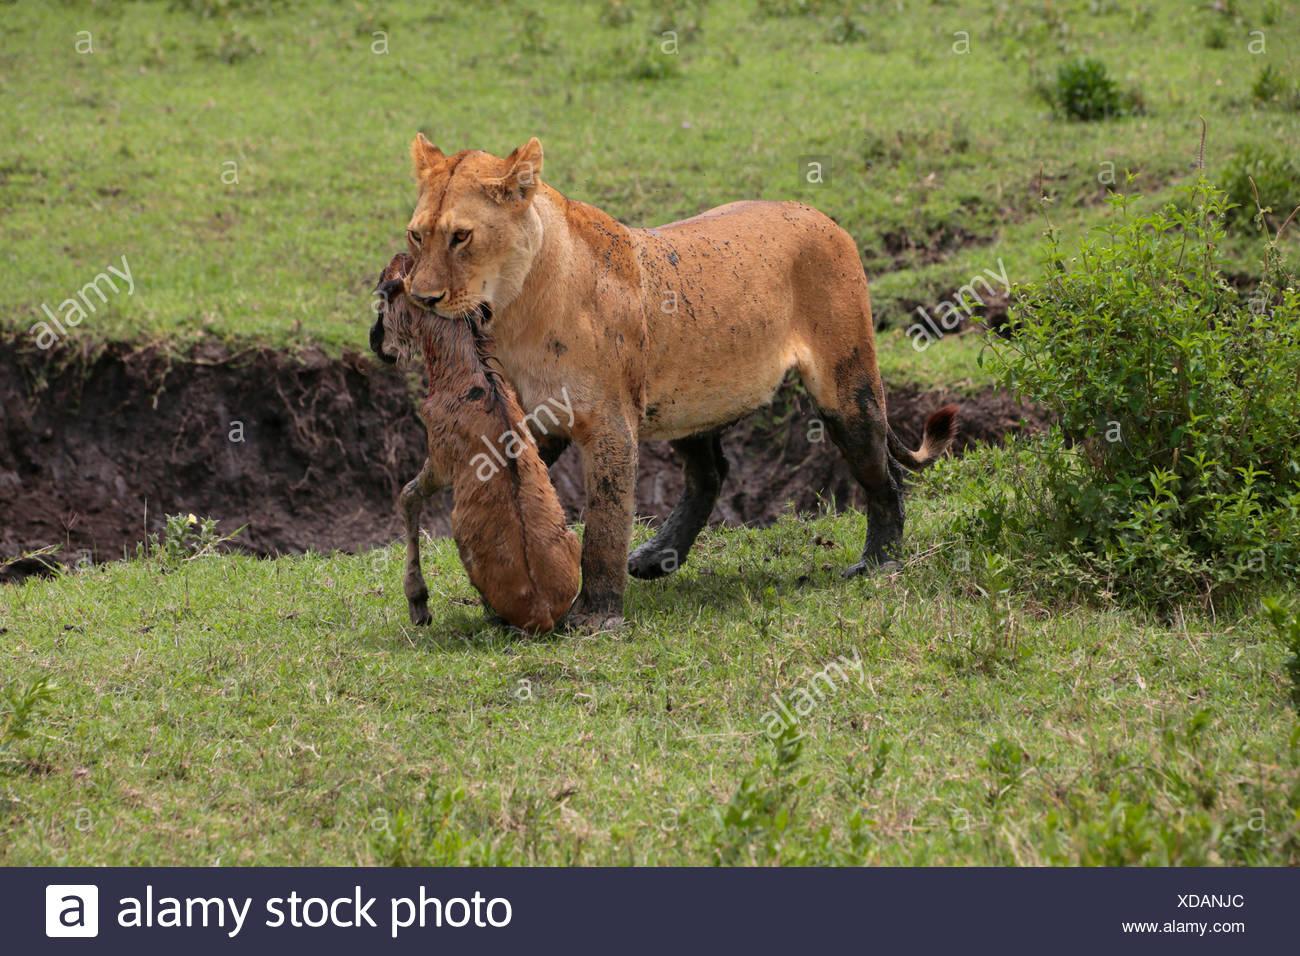 Lion (Panthera leo), lionne portant un veau gnou pris dans la bouche, la Tanzanie, le Parc National du Serengeti Photo Stock